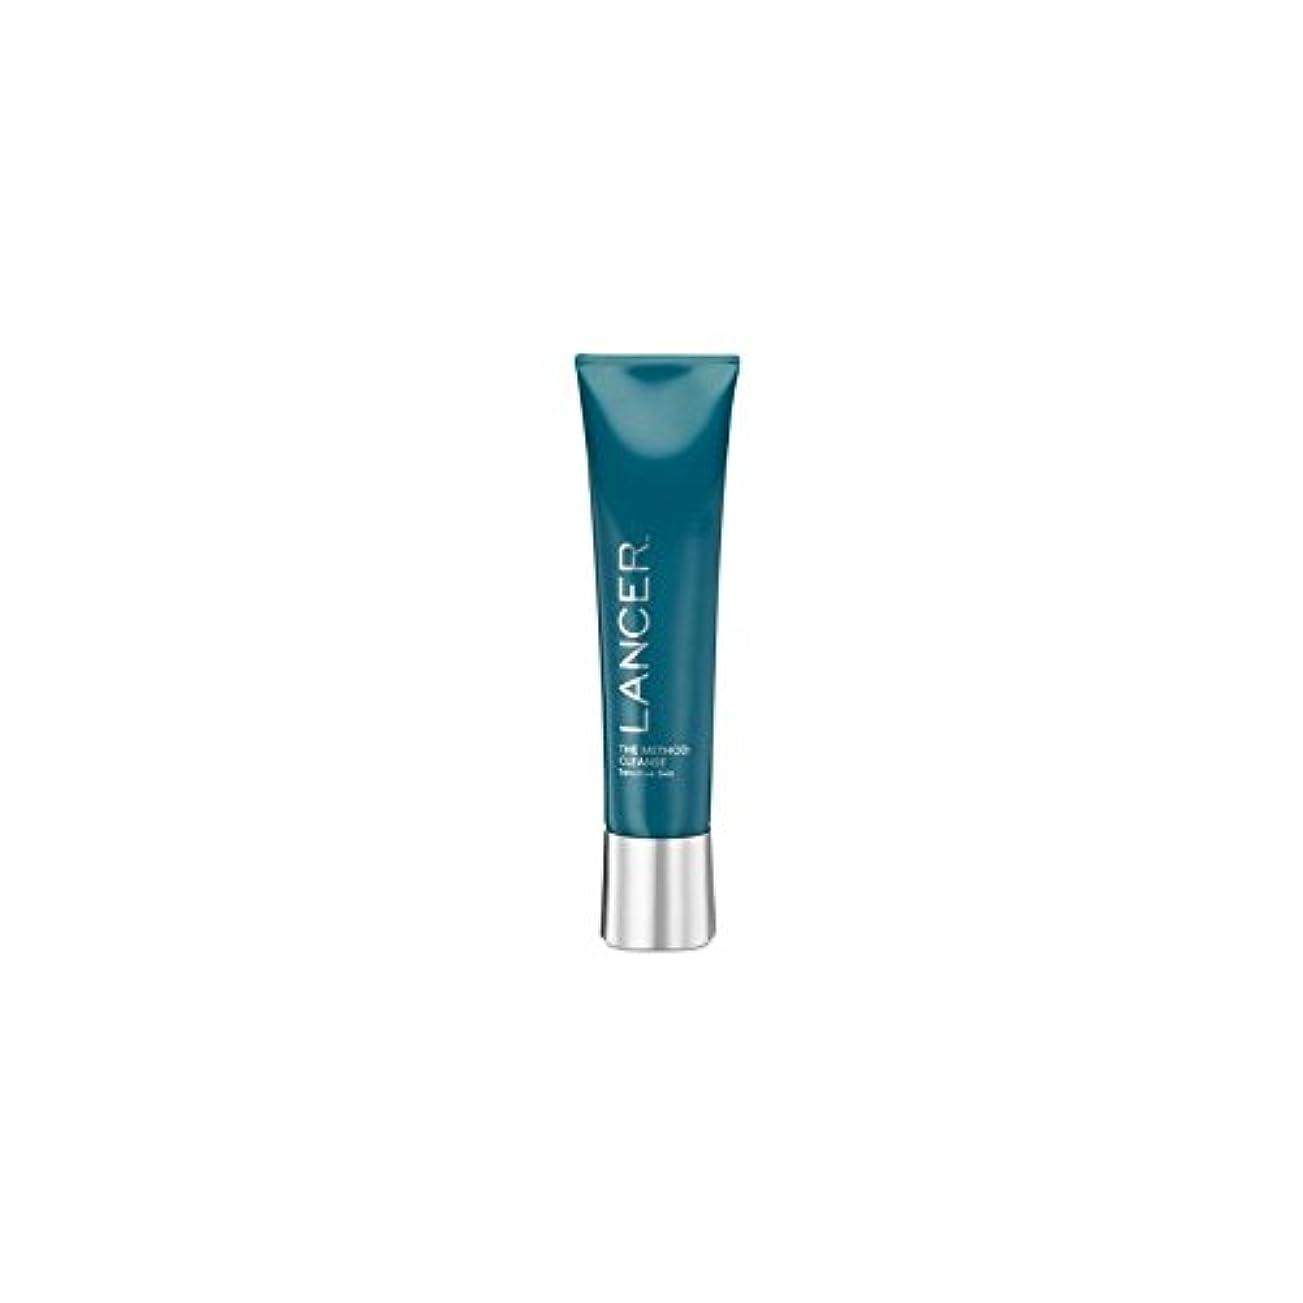 レポートを書く後退するトレイルLancer Skincare The Method: Cleanser Sensitive Skin (120ml) - クレンザー敏感肌(120ミリリットル):ランサーは、メソッドをスキンケア [並行輸入品]